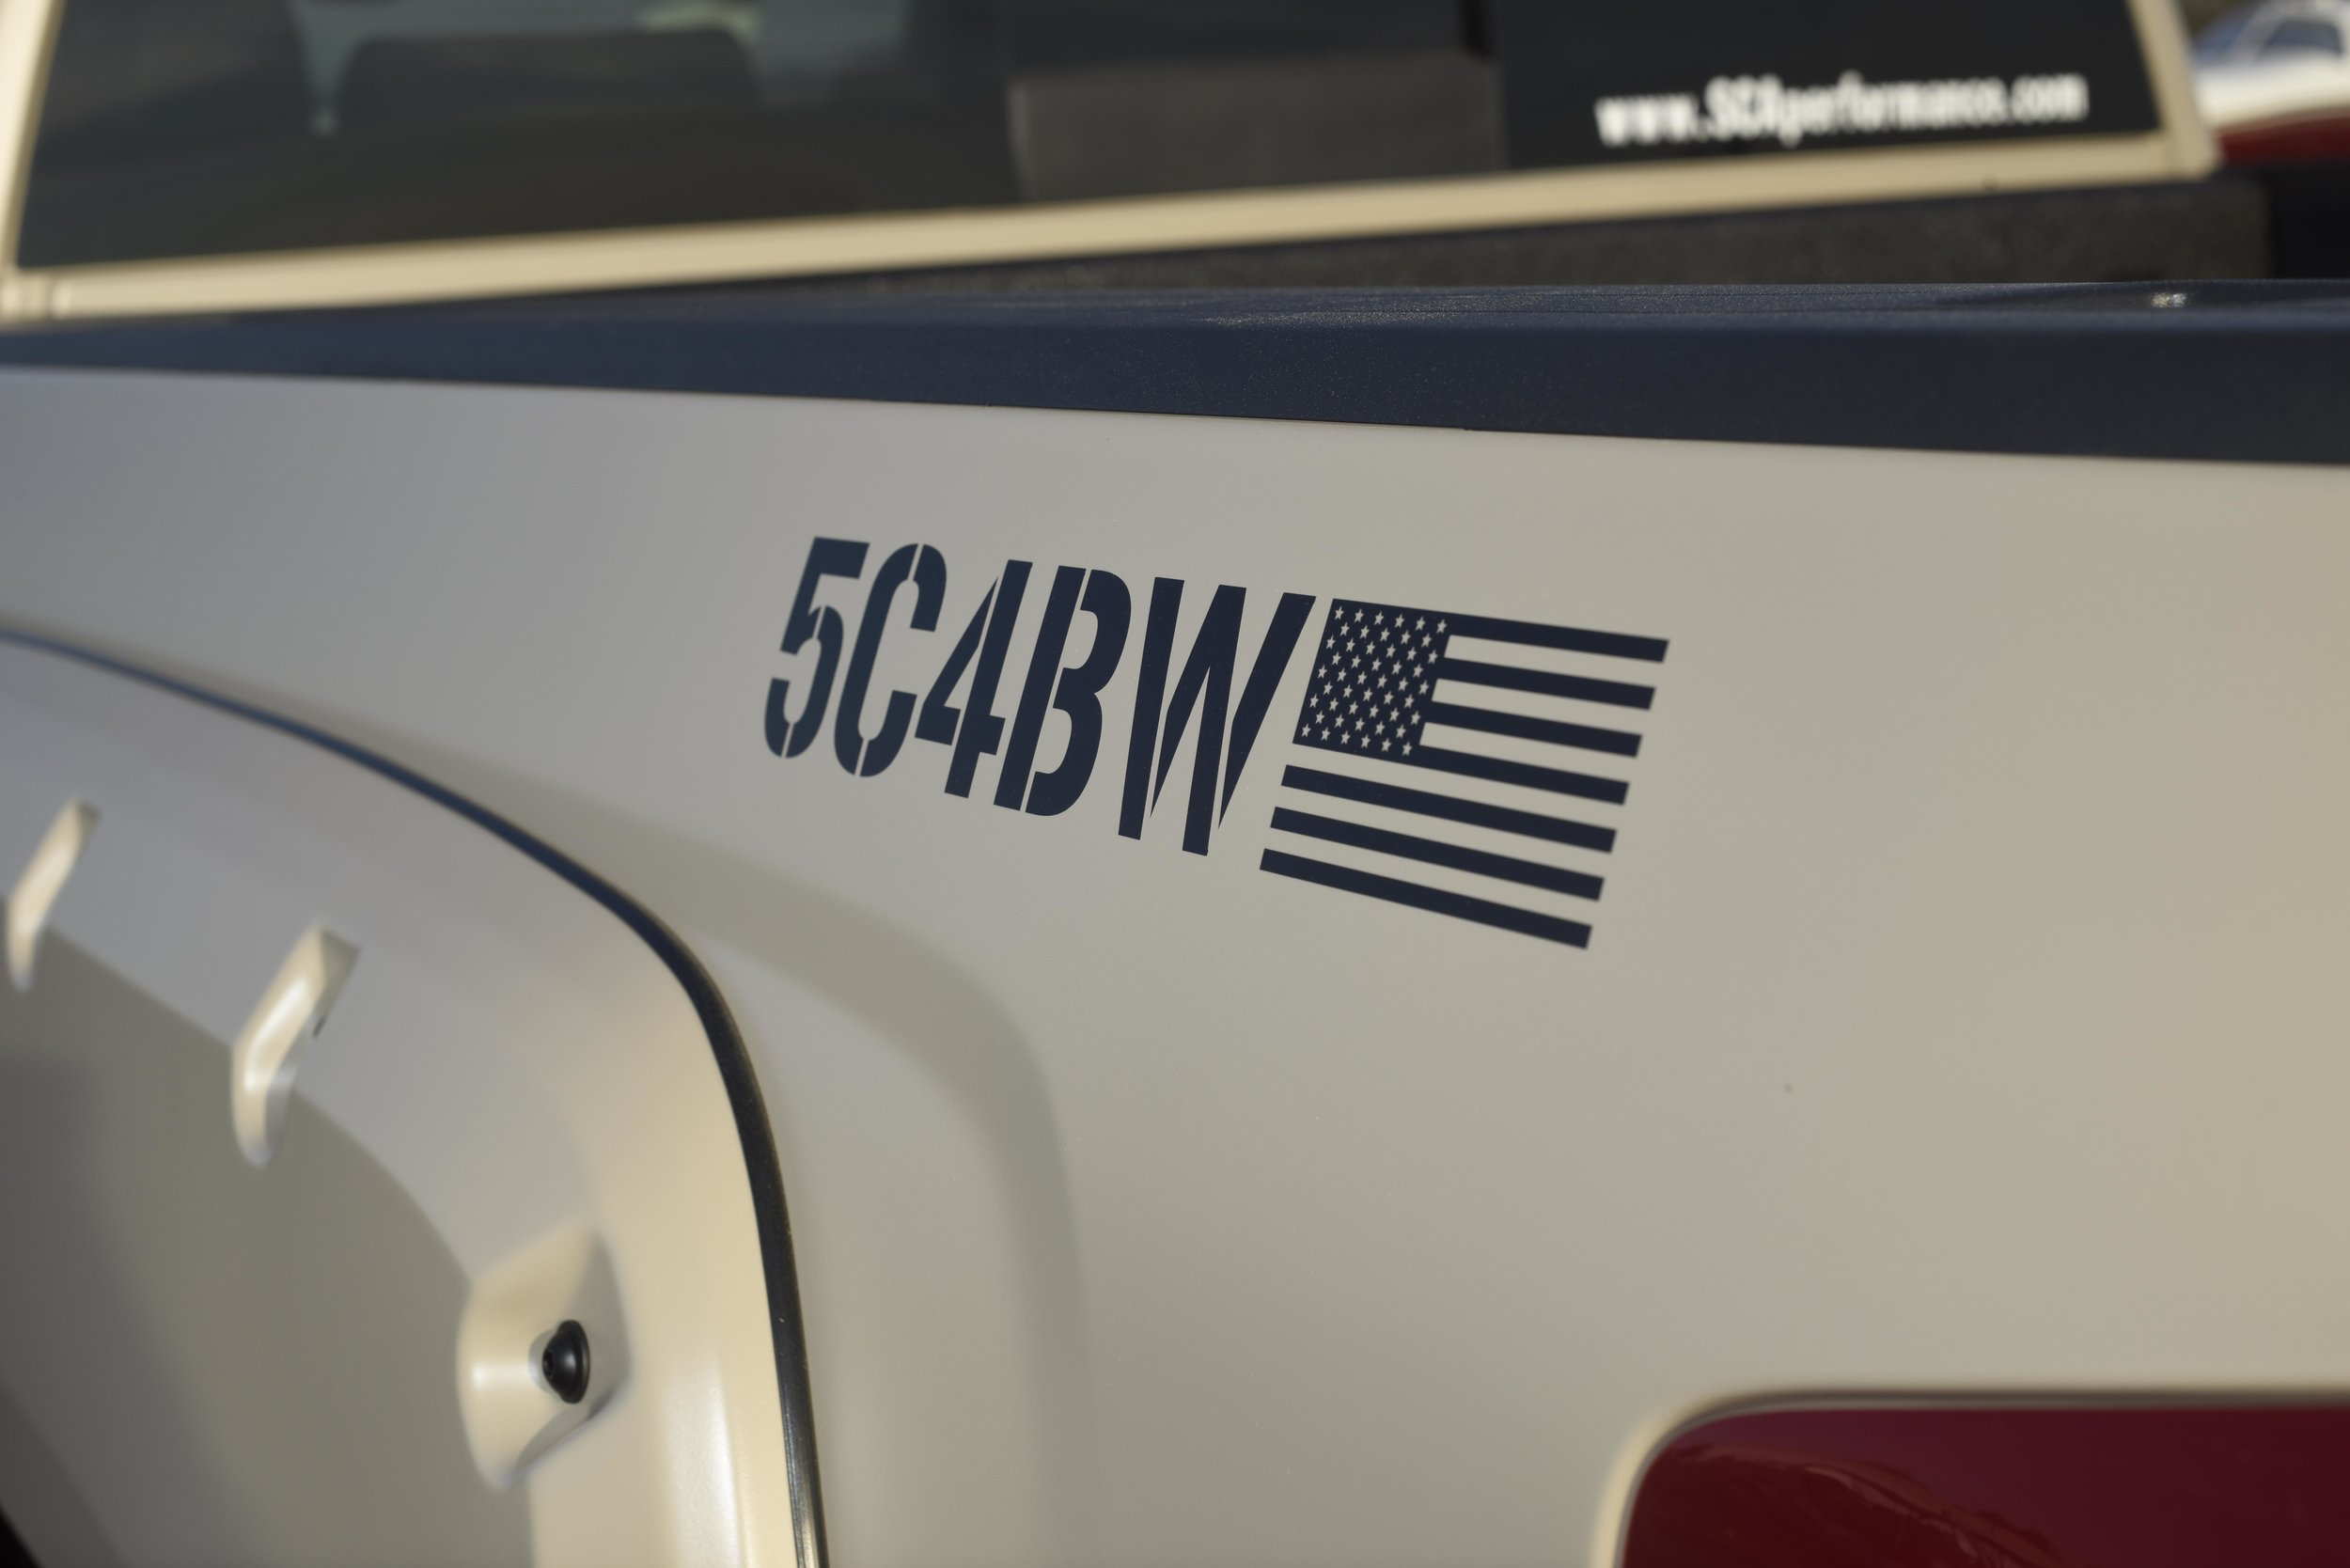 5C4BW.jpg